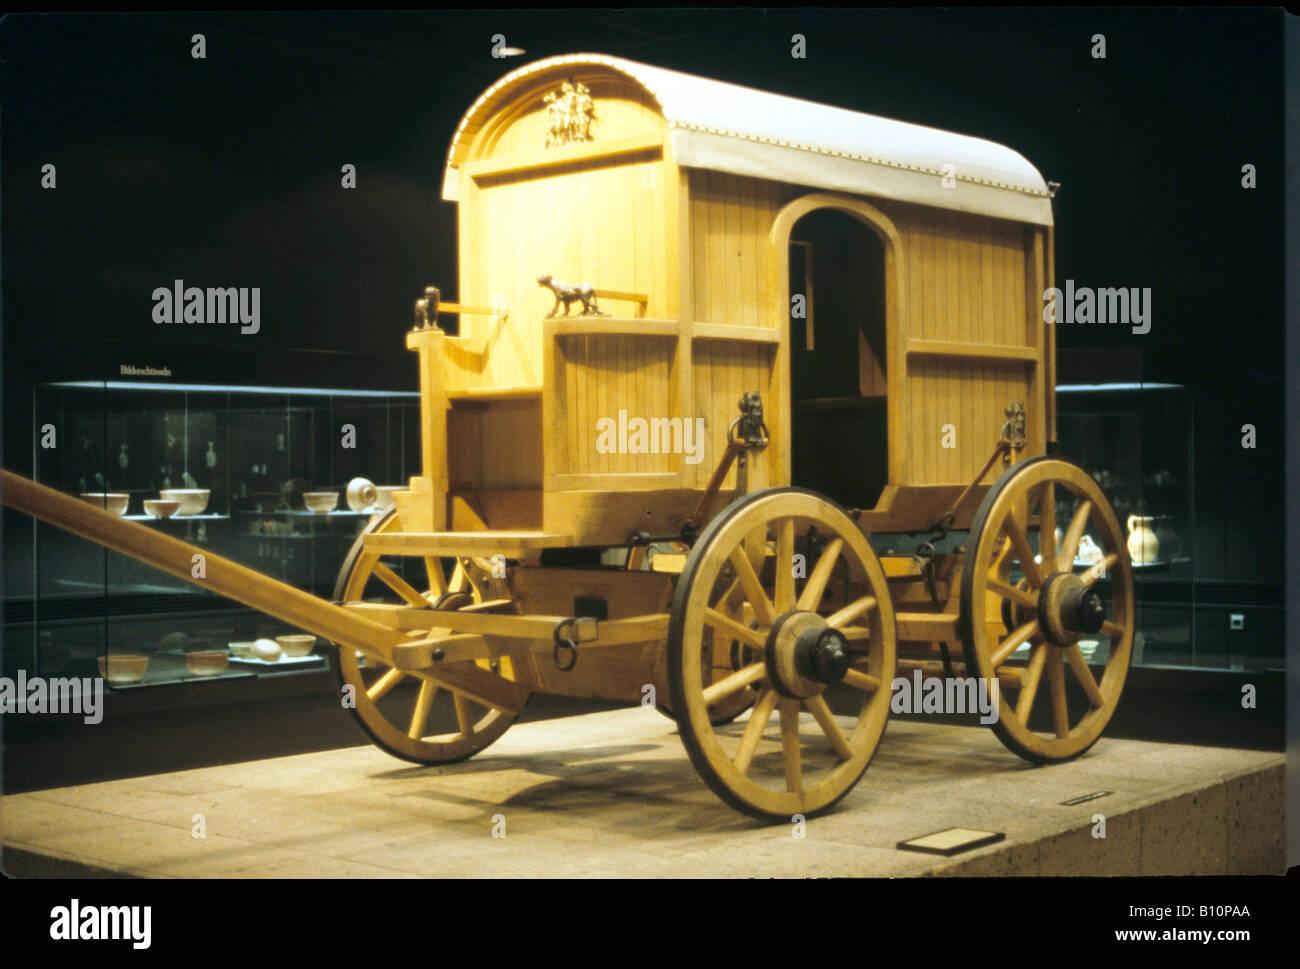 Replik eines römischen Wagen. Lebensgroße Rekonstruktion. Stockfoto